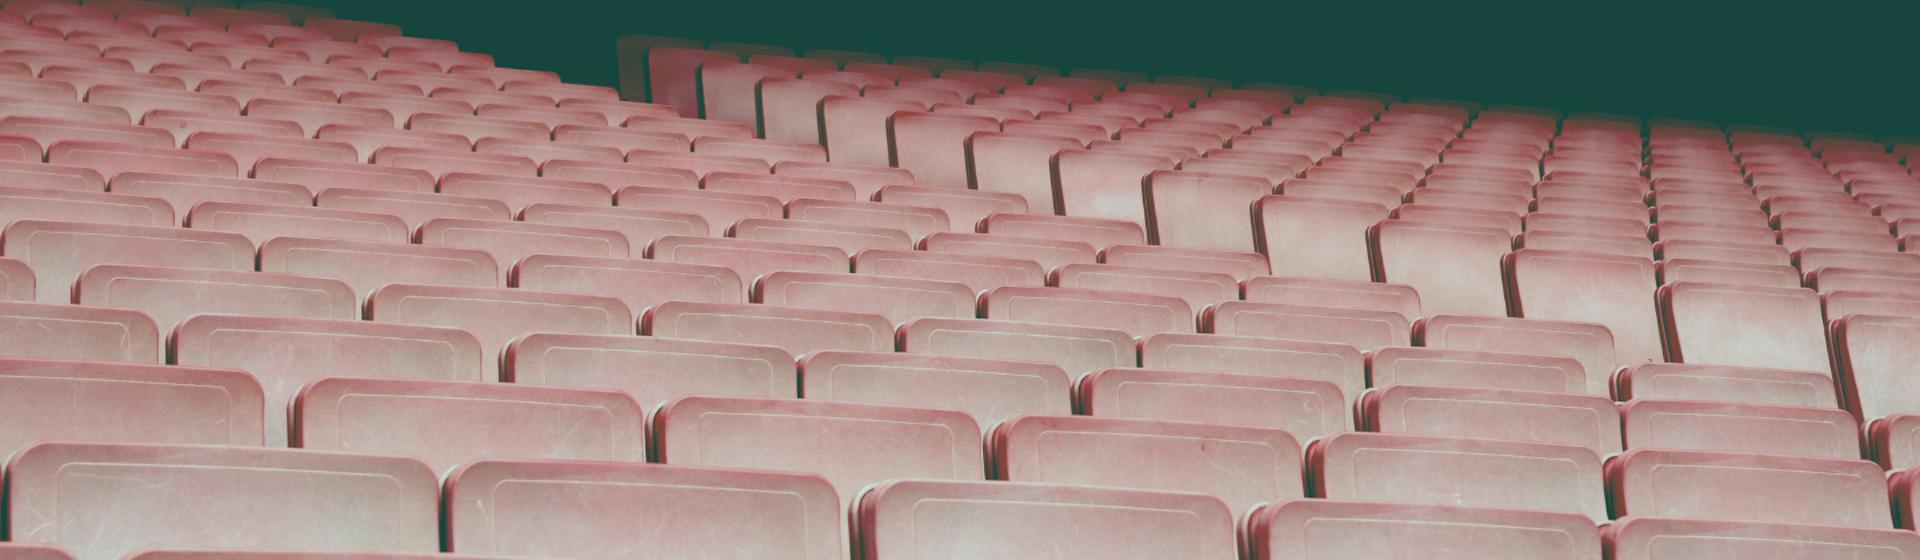 ¿Qué es la actuación?: conoce el apasionante mundo del teatro